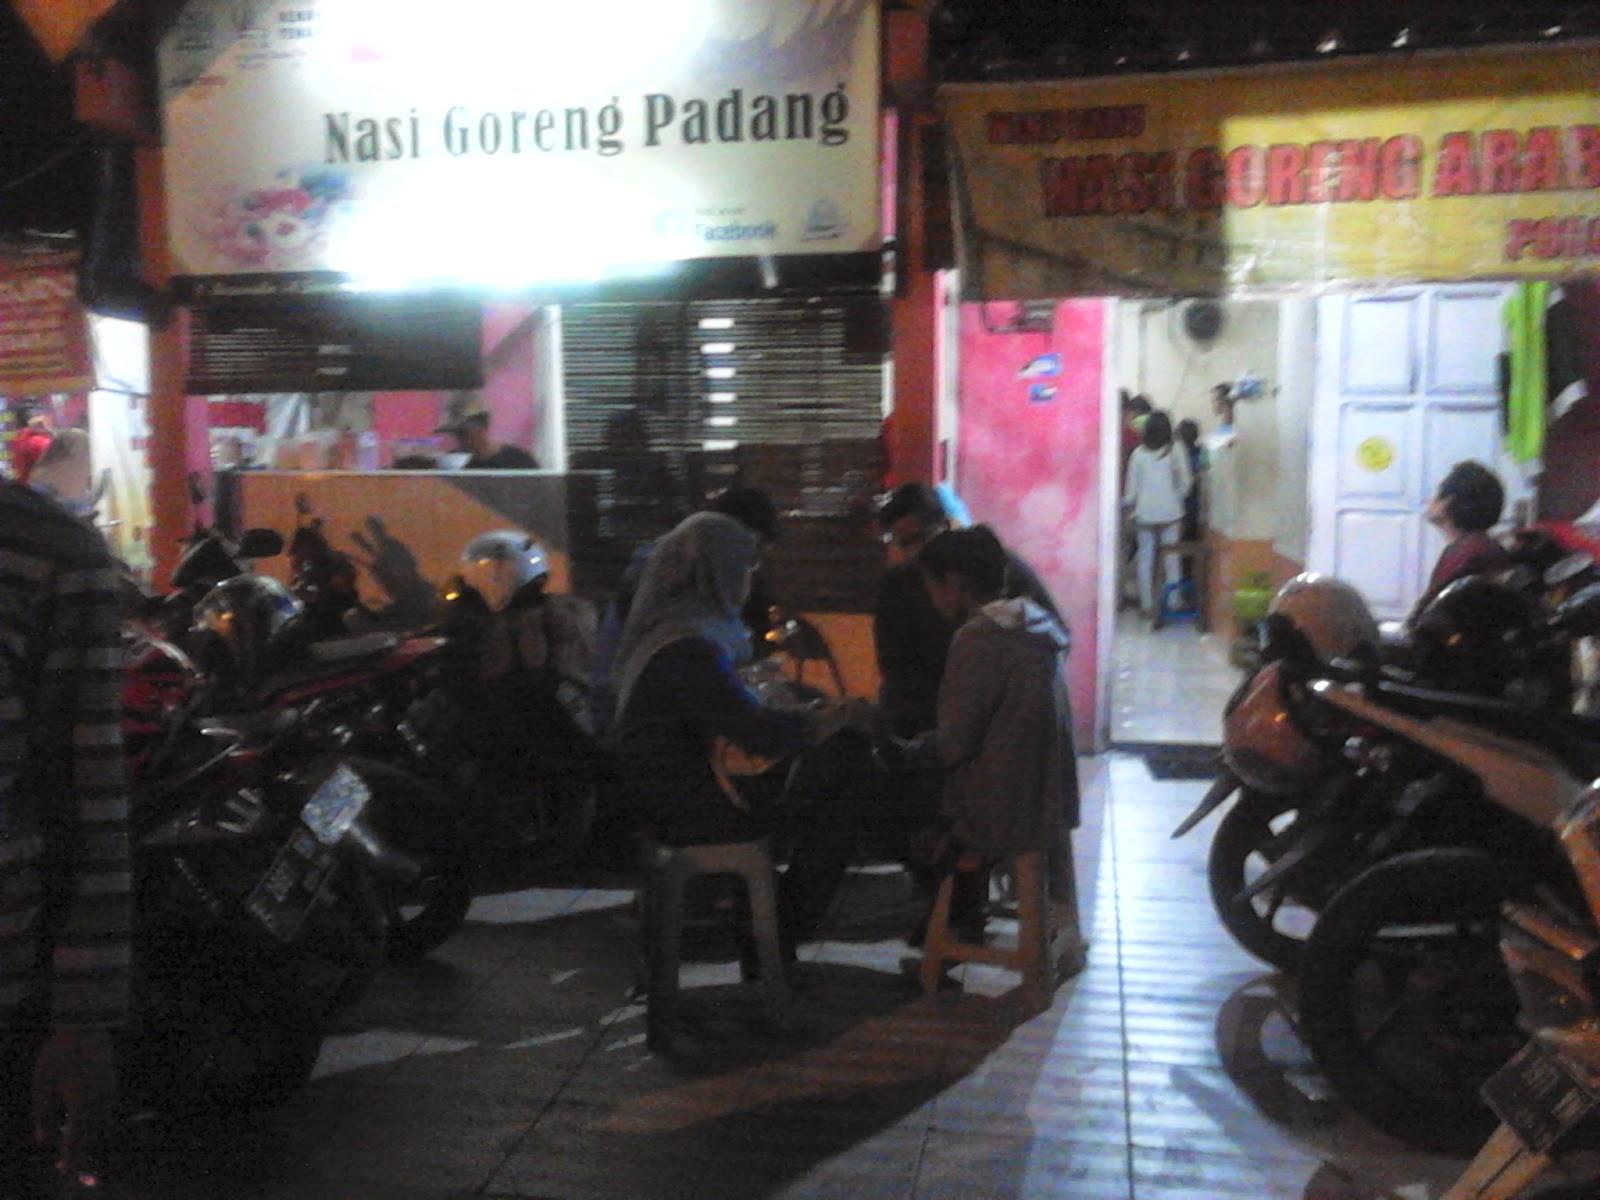 Ramainya Nasi Goreng Padang saat malam hari